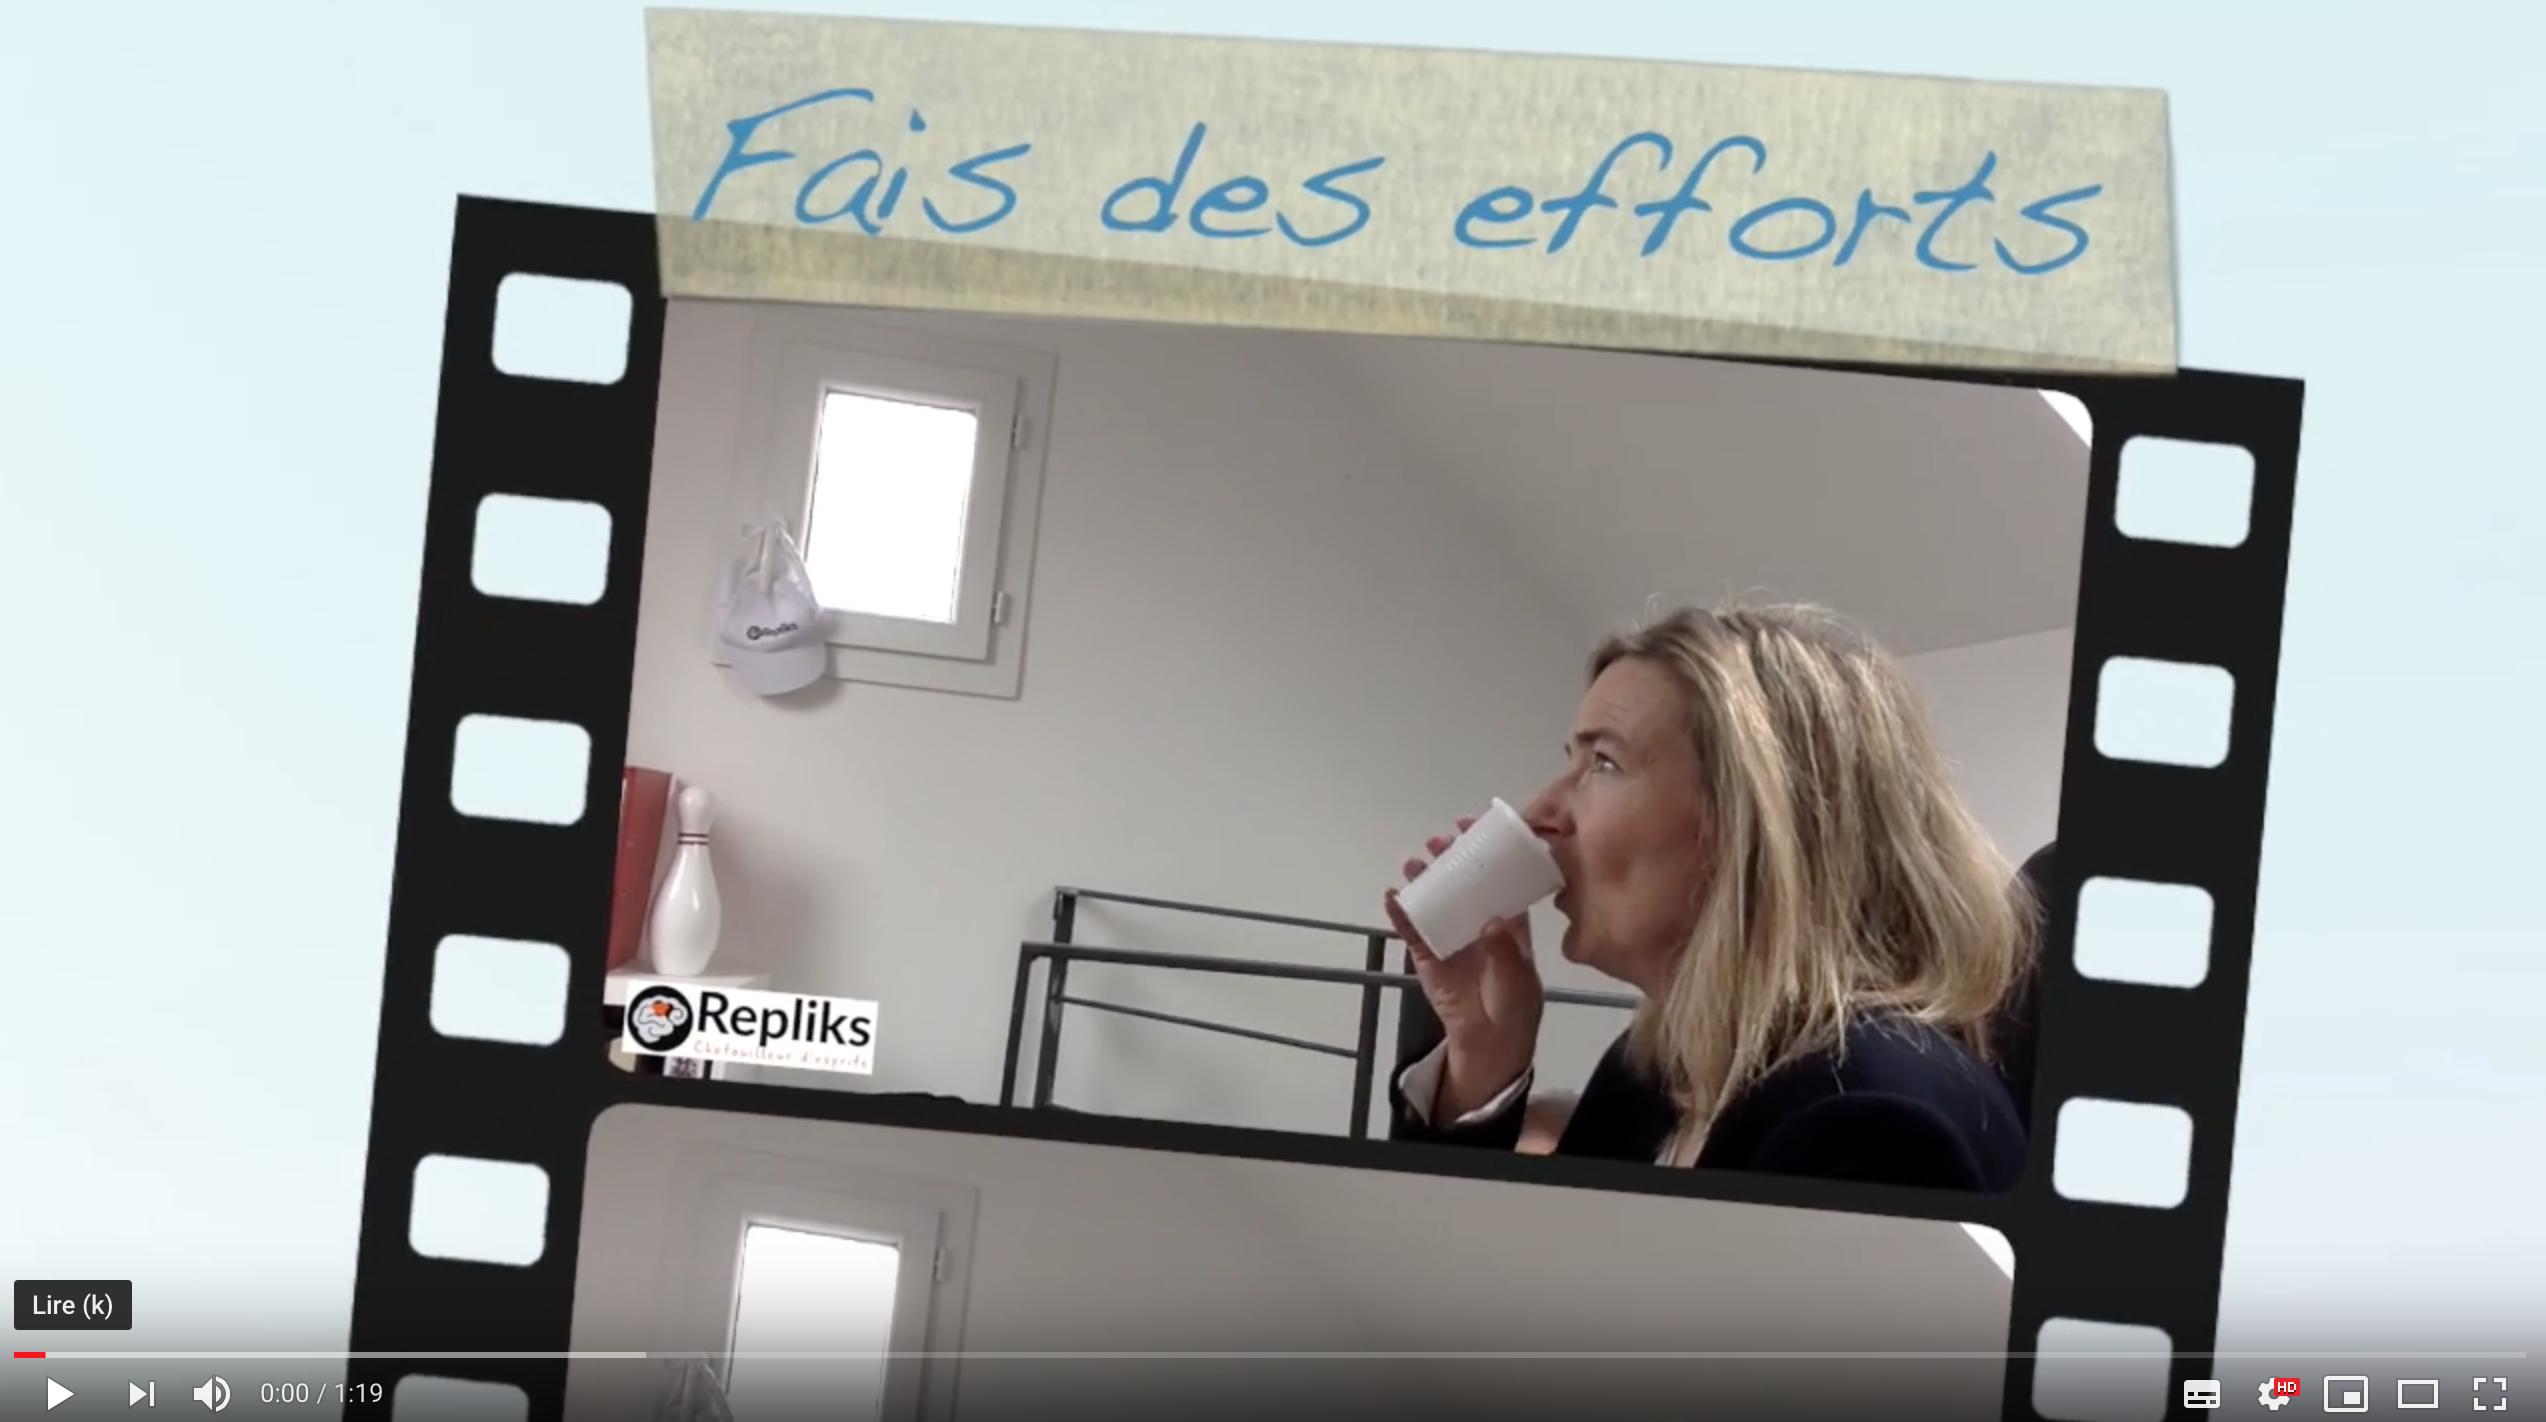 Fais des efforts !! by Repliks